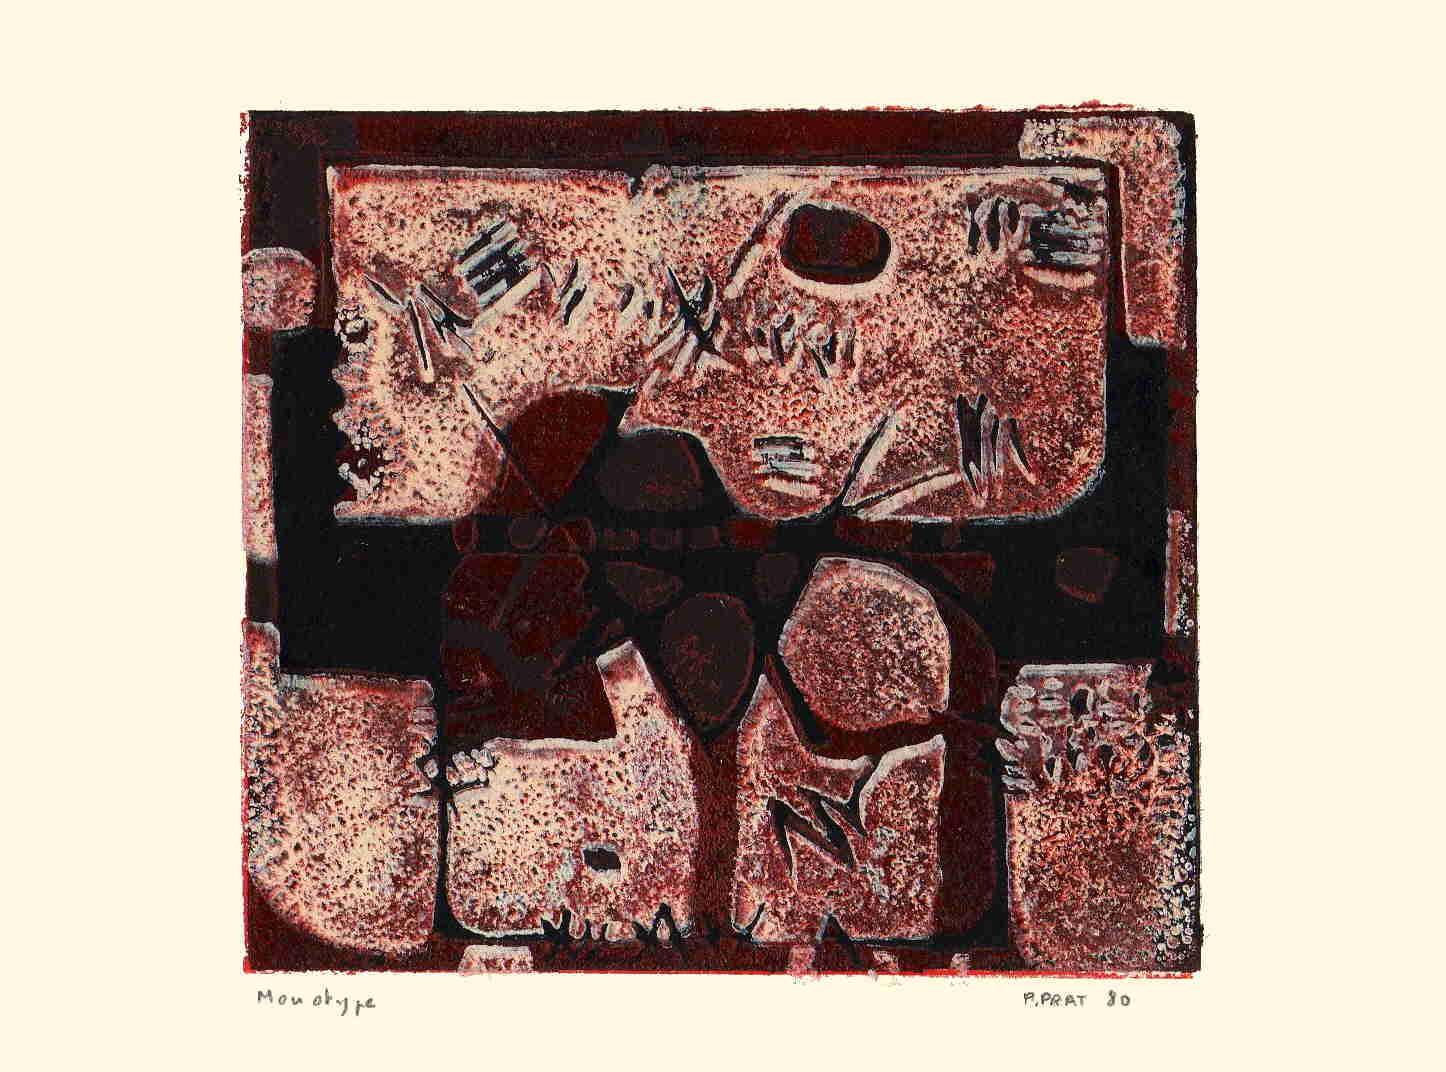 1980 - Monotype C